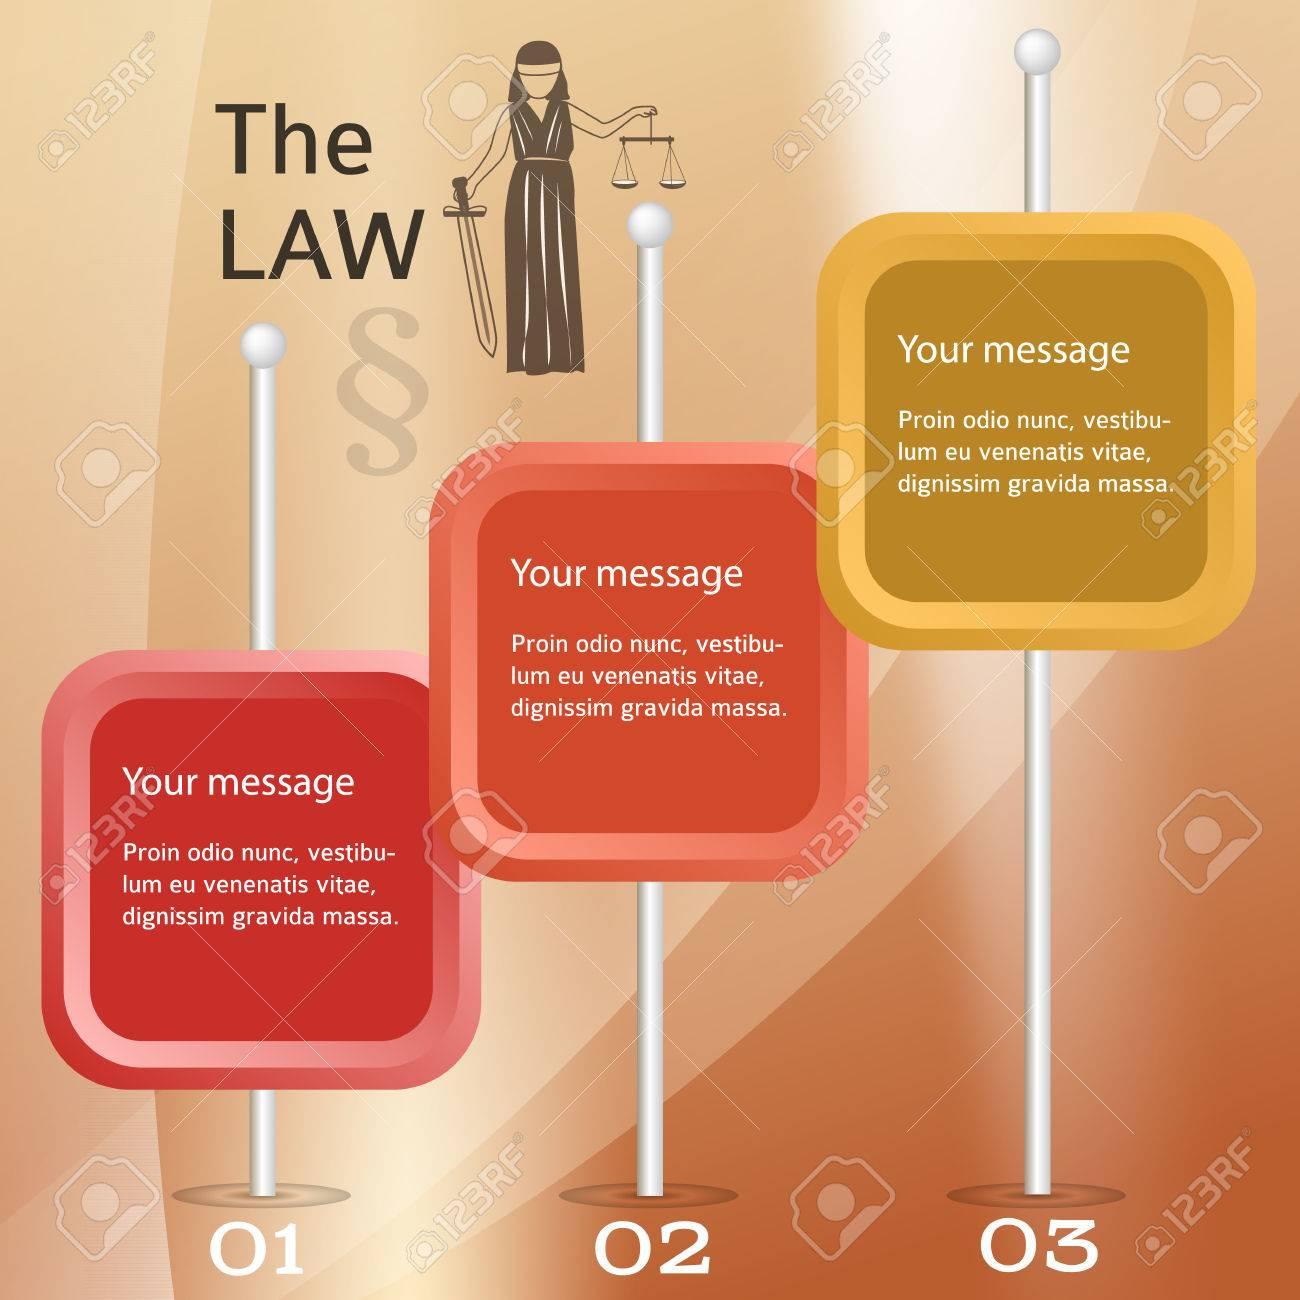 Modernen Design Stil Infografik Für Legal Kanzlei Vektor Illustration Eps 10 Kann Für Business Präsentation Oder Broschüre Vorlage Das Justizamt